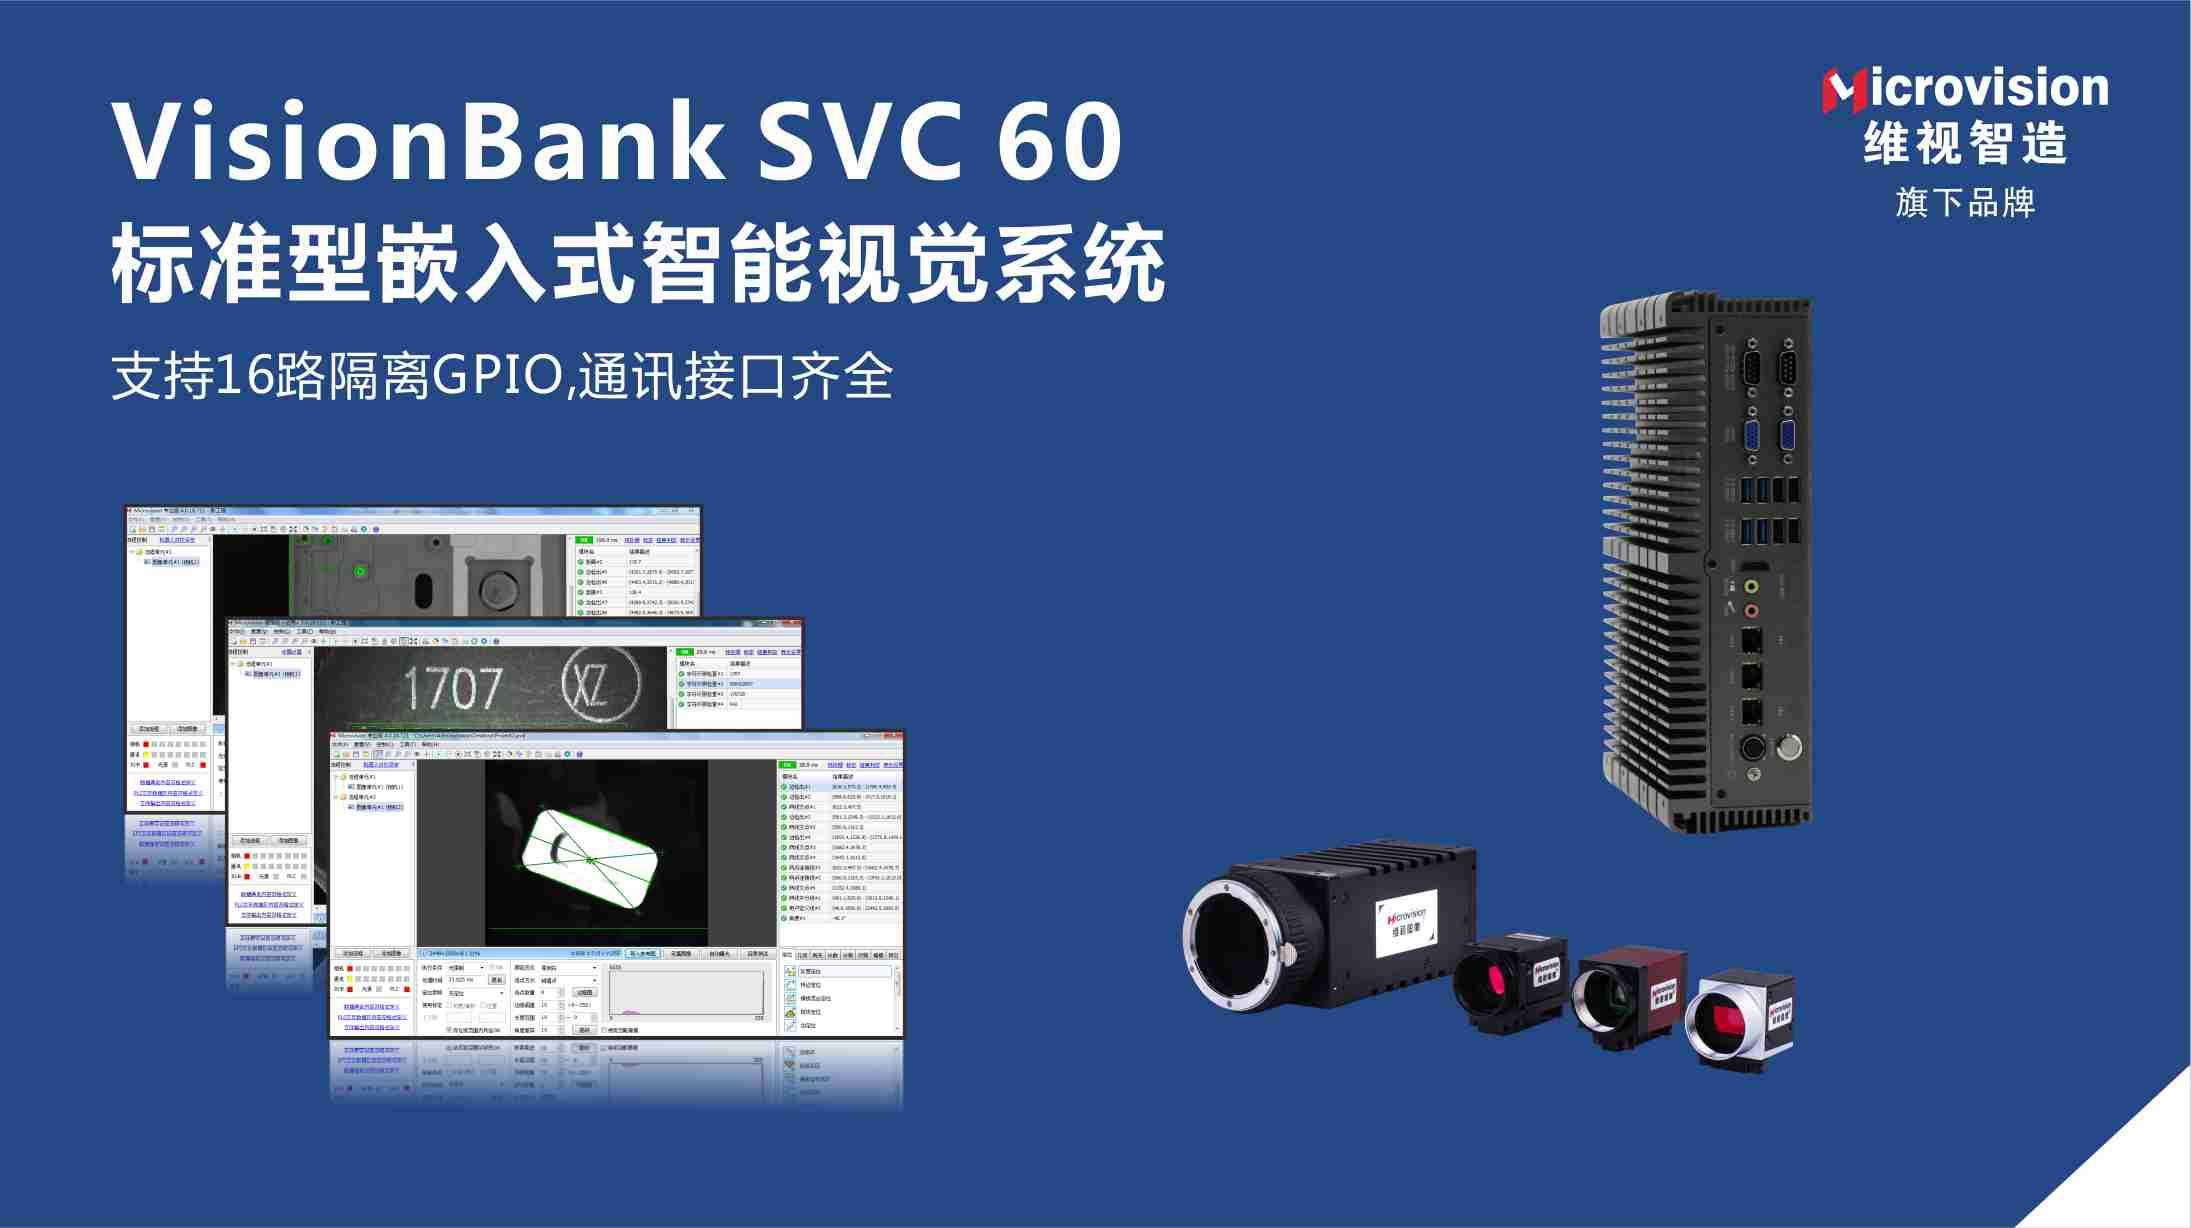 svc60视觉控制器